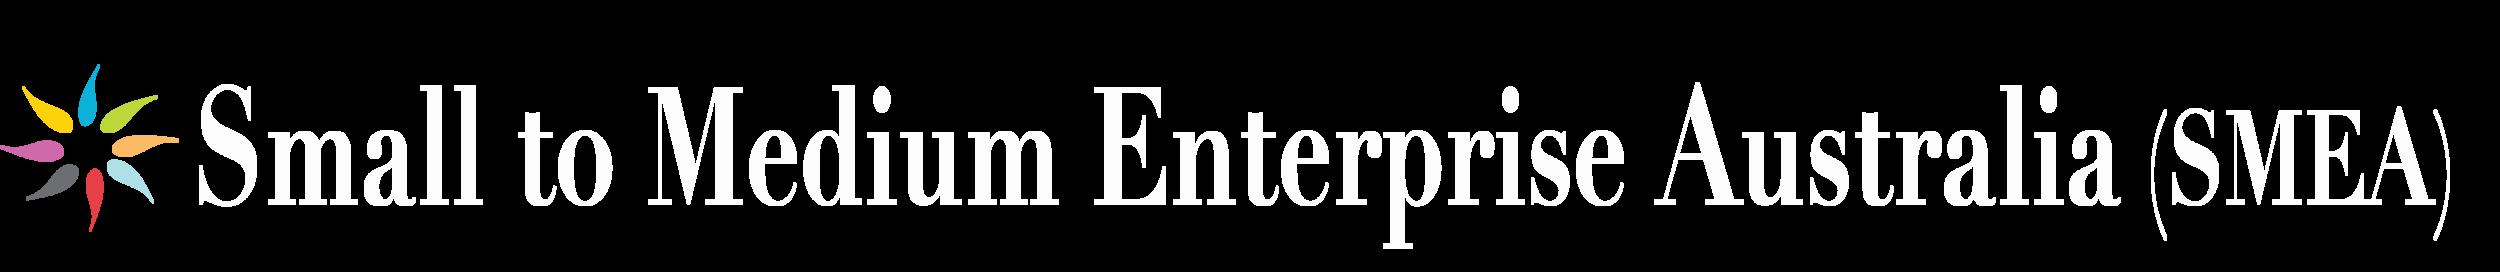 SME Australia Logo FULL.png